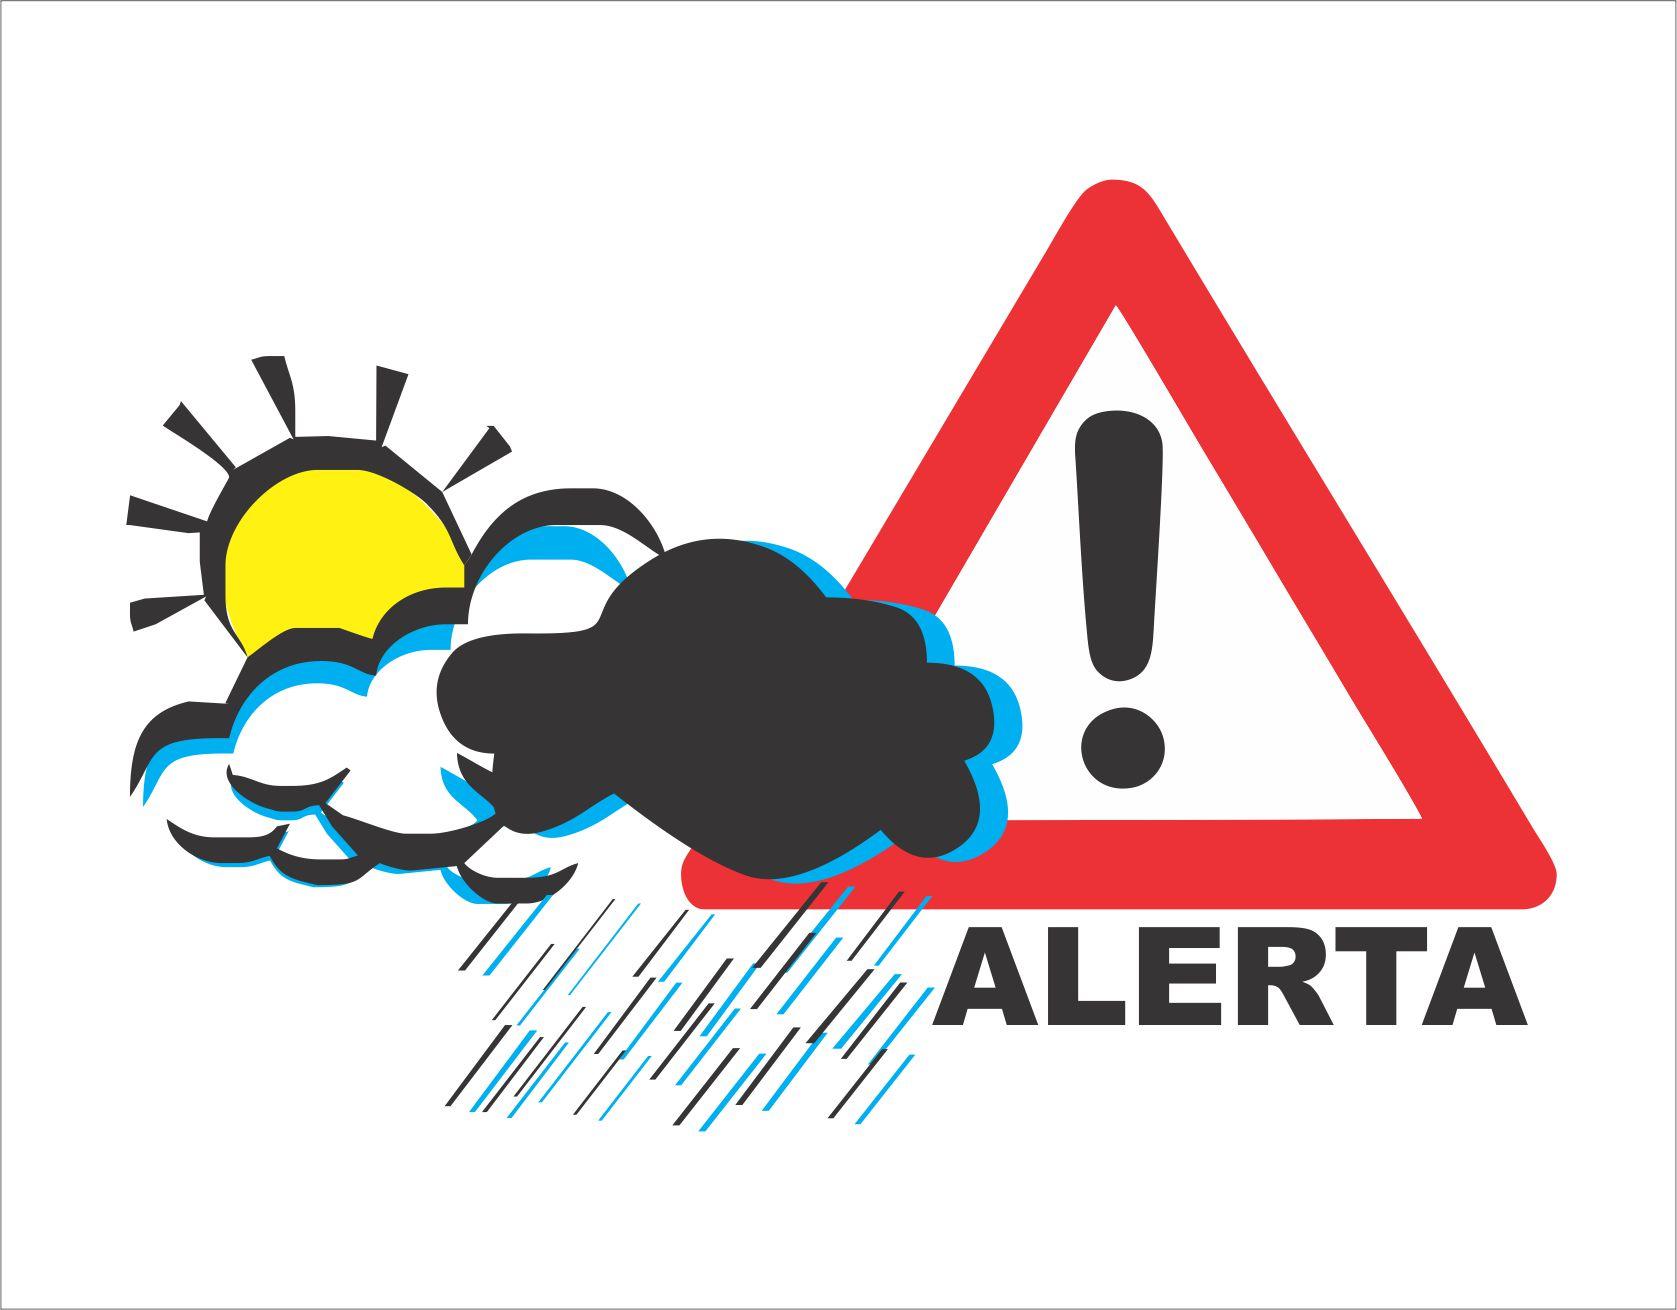 ALERTA METEOROLOGICO: TORMENTAS FUERTES CON RAFAGAS Y OCASIONAL CAIDA DE GRANIZO.